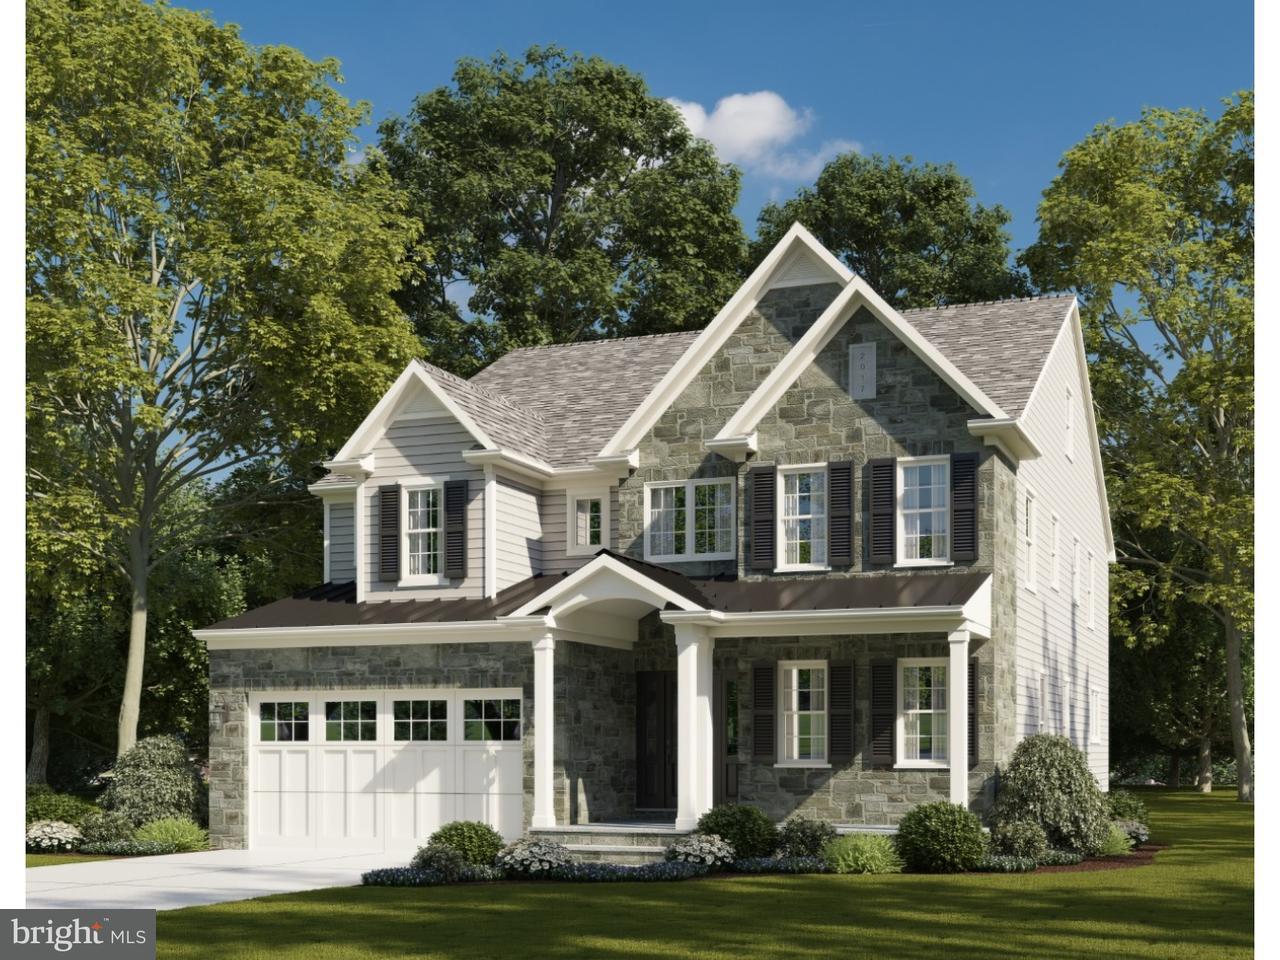 Частный односемейный дом для того Продажа на 526 MANOR Road Wynnewood, Пенсильвания 19096 Соединенные Штаты